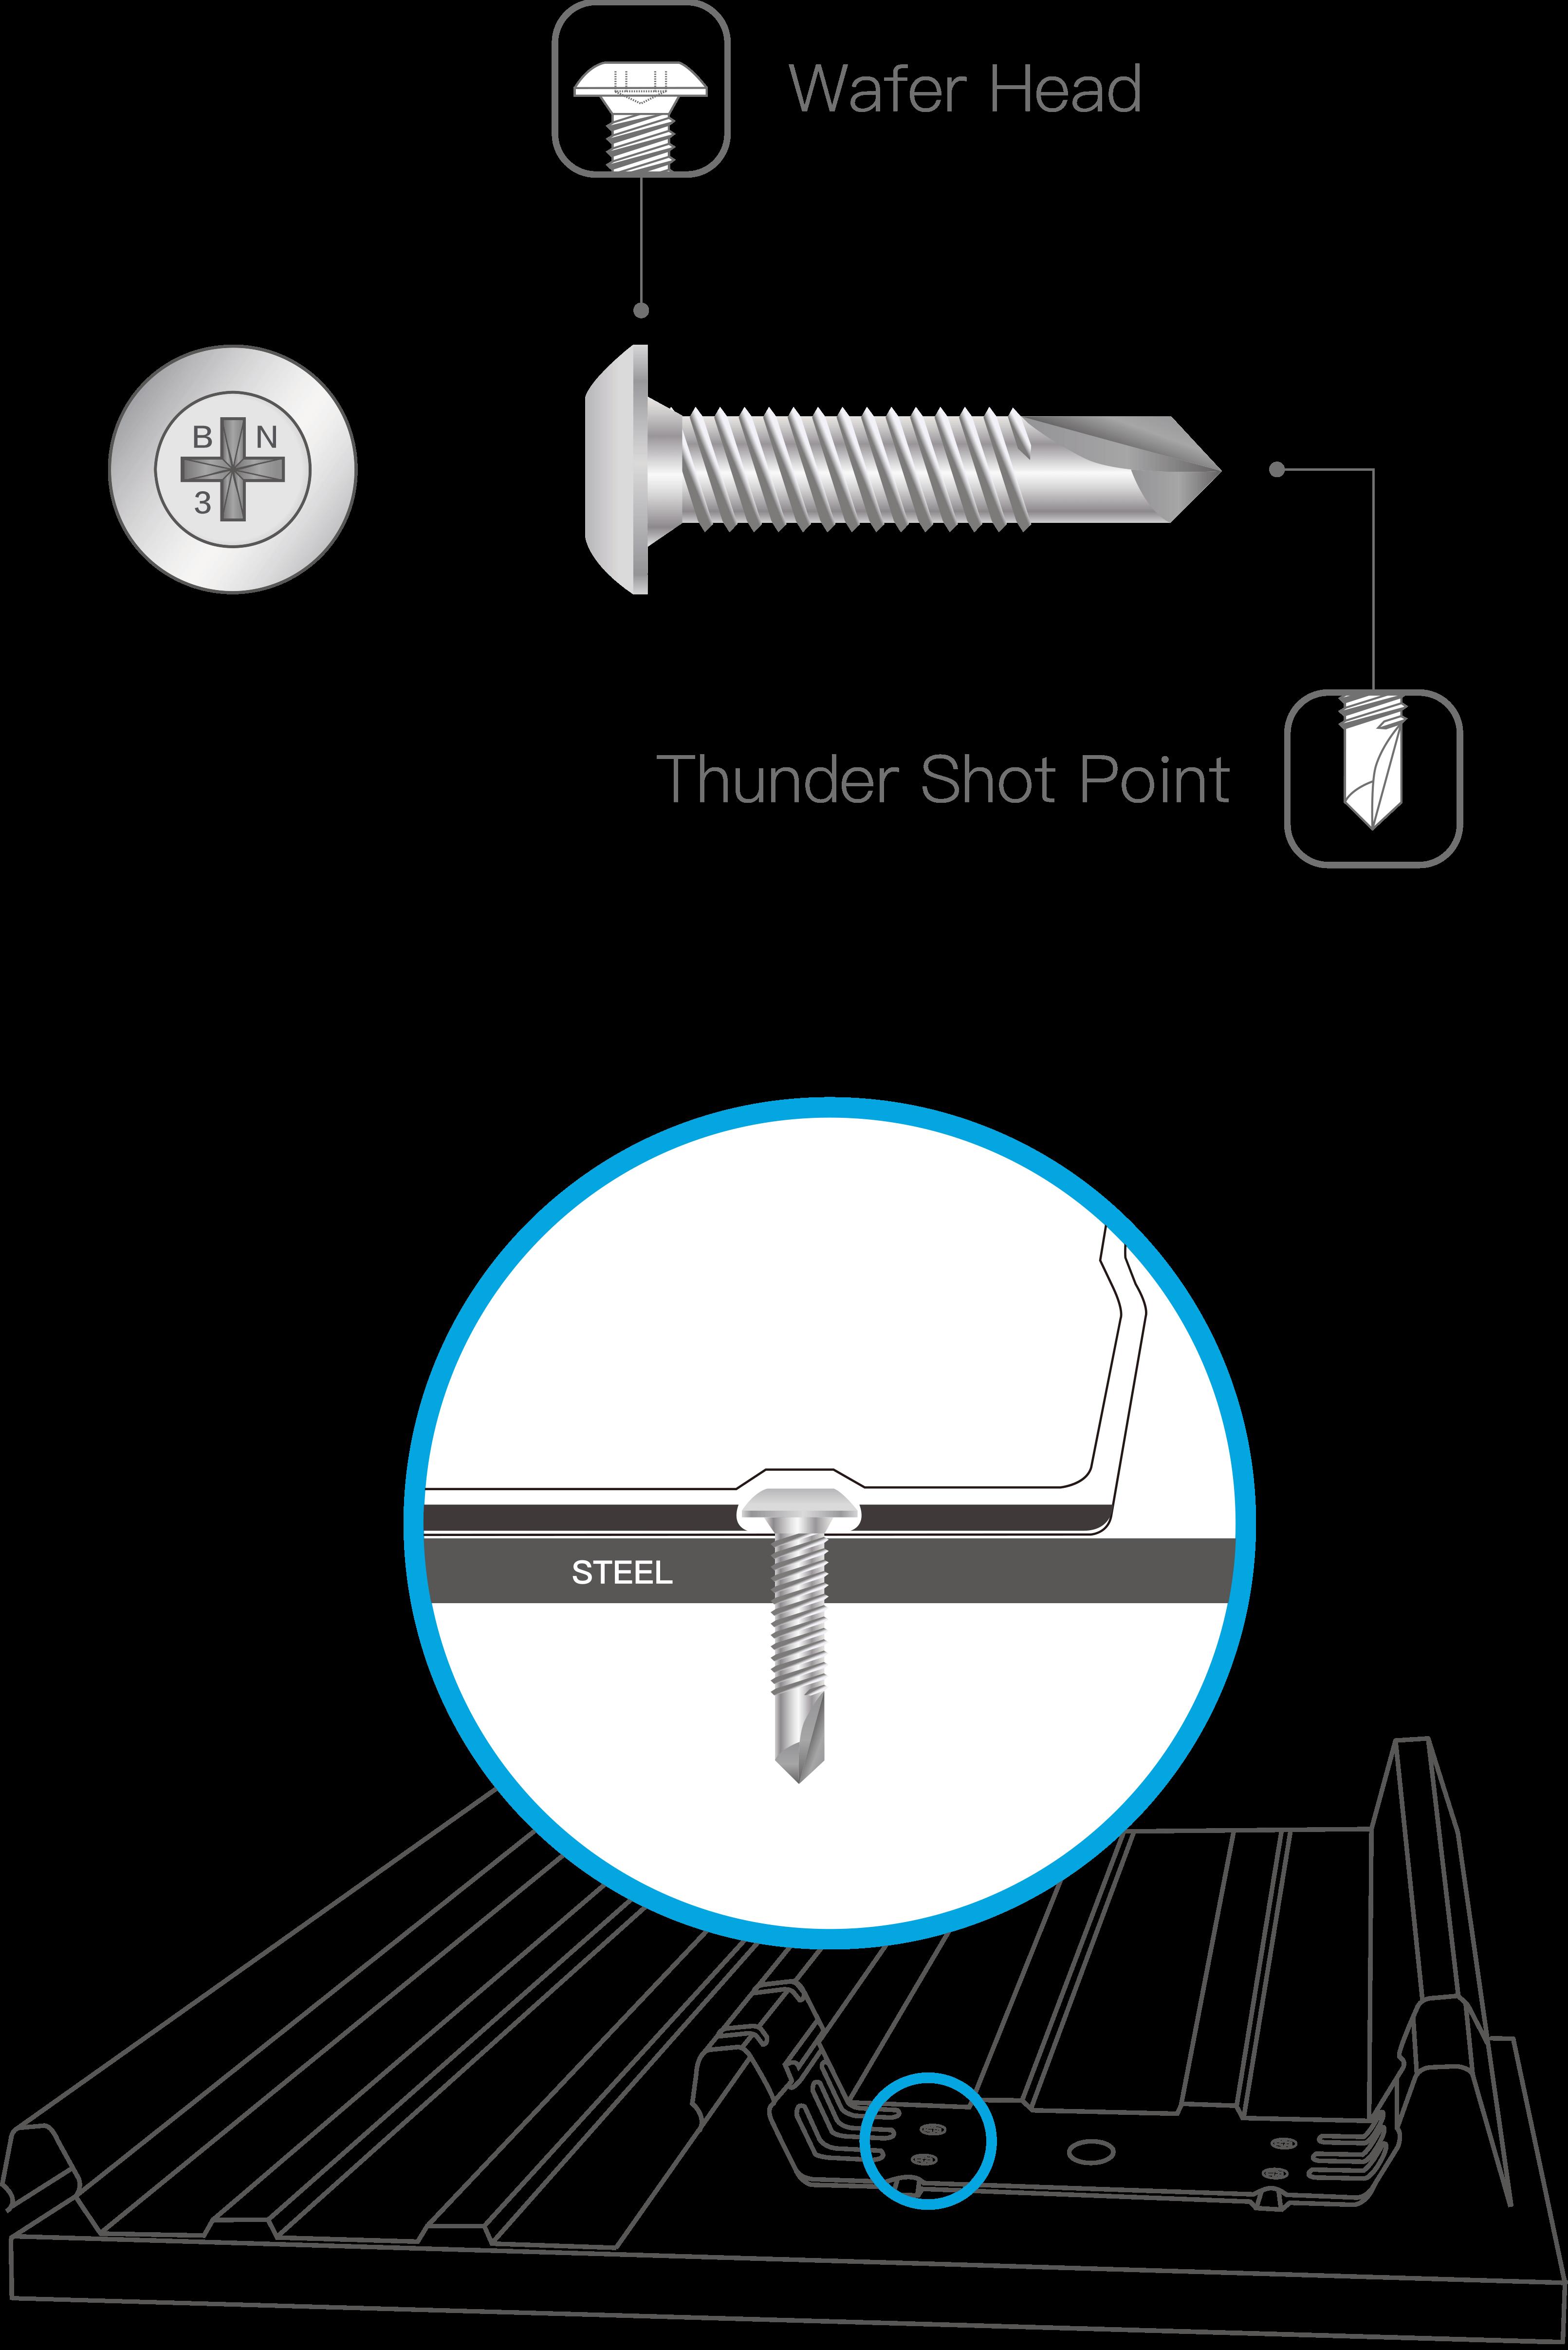 BDN FASTENERS® METAL-Tite™ Roofing Screws CONCEALED FIXING TO METAL